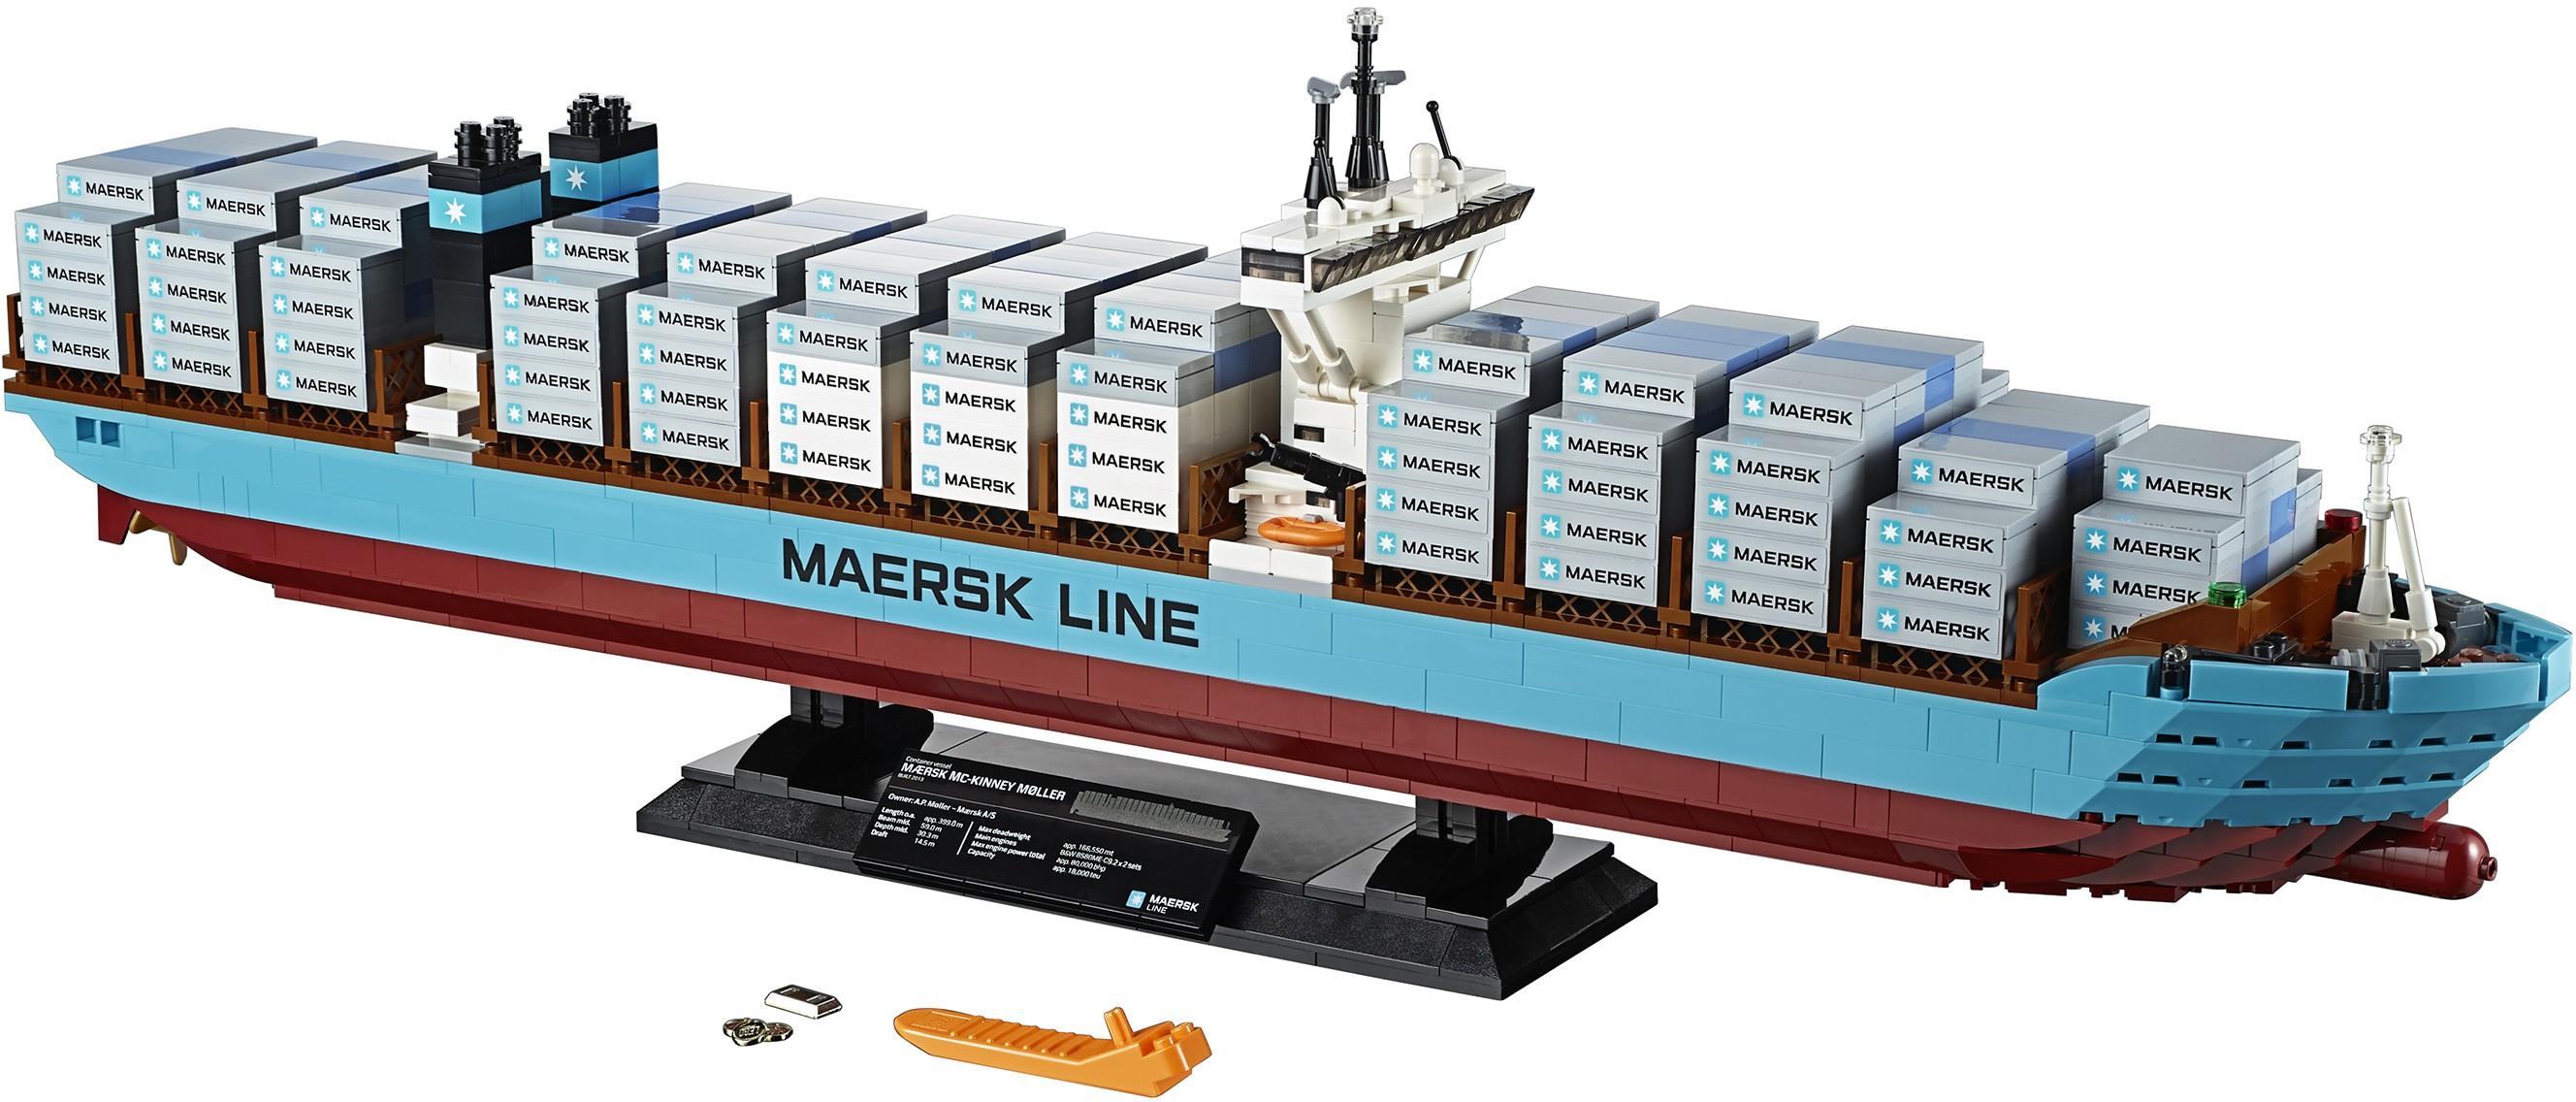 Expert Maersk Line Triple-E Lego Creator New In Box